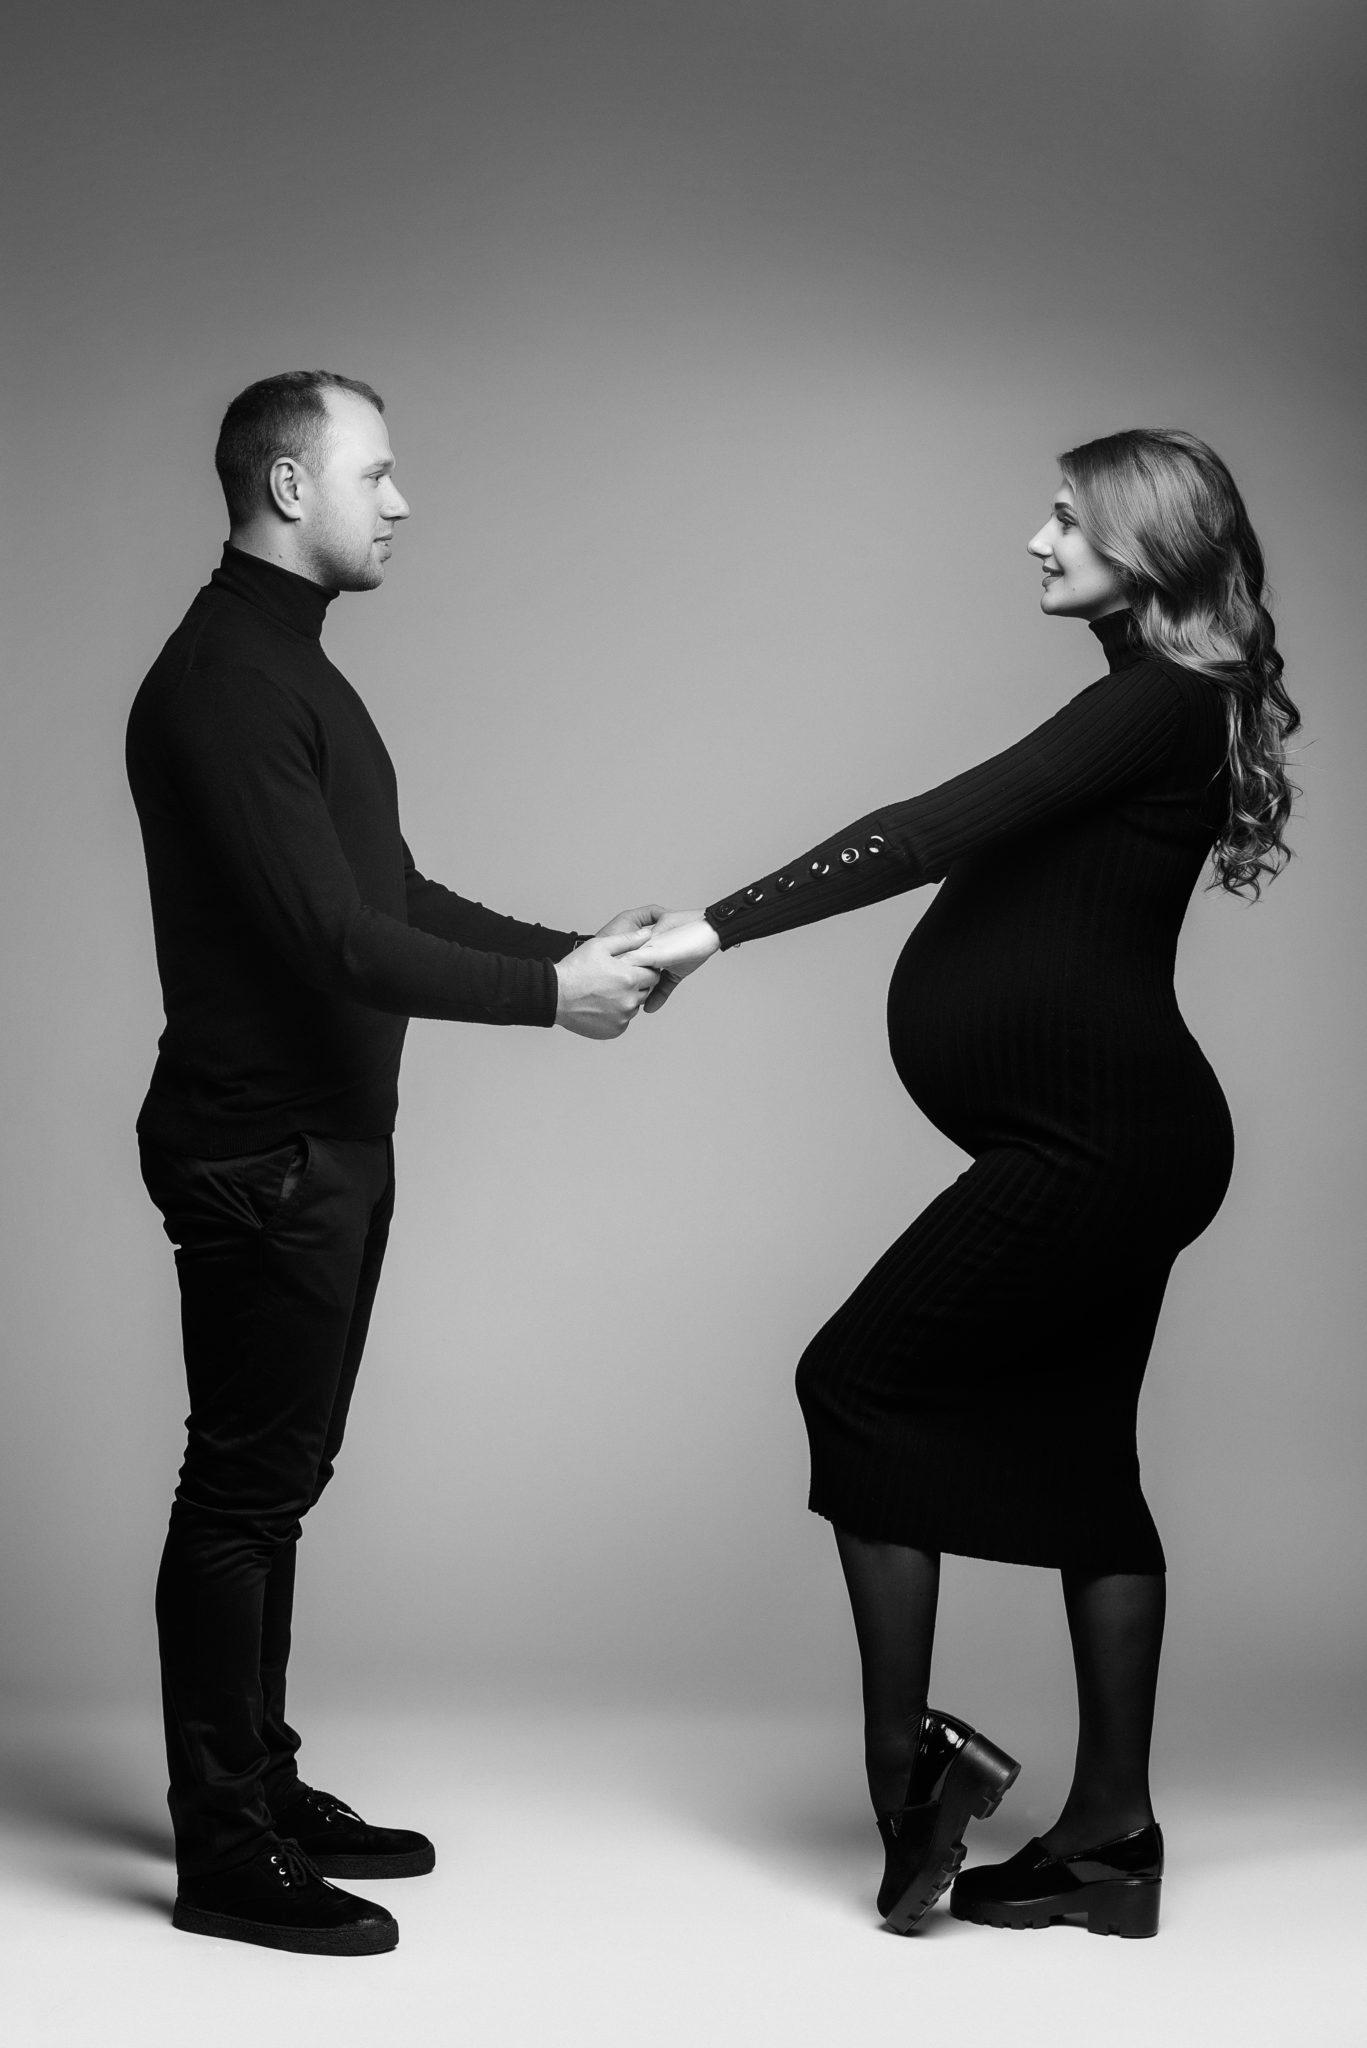 Портфолио фотосессии беременности в студии, беременная девушка с мужем стоят боком на сером фоне, ЧБ фотография